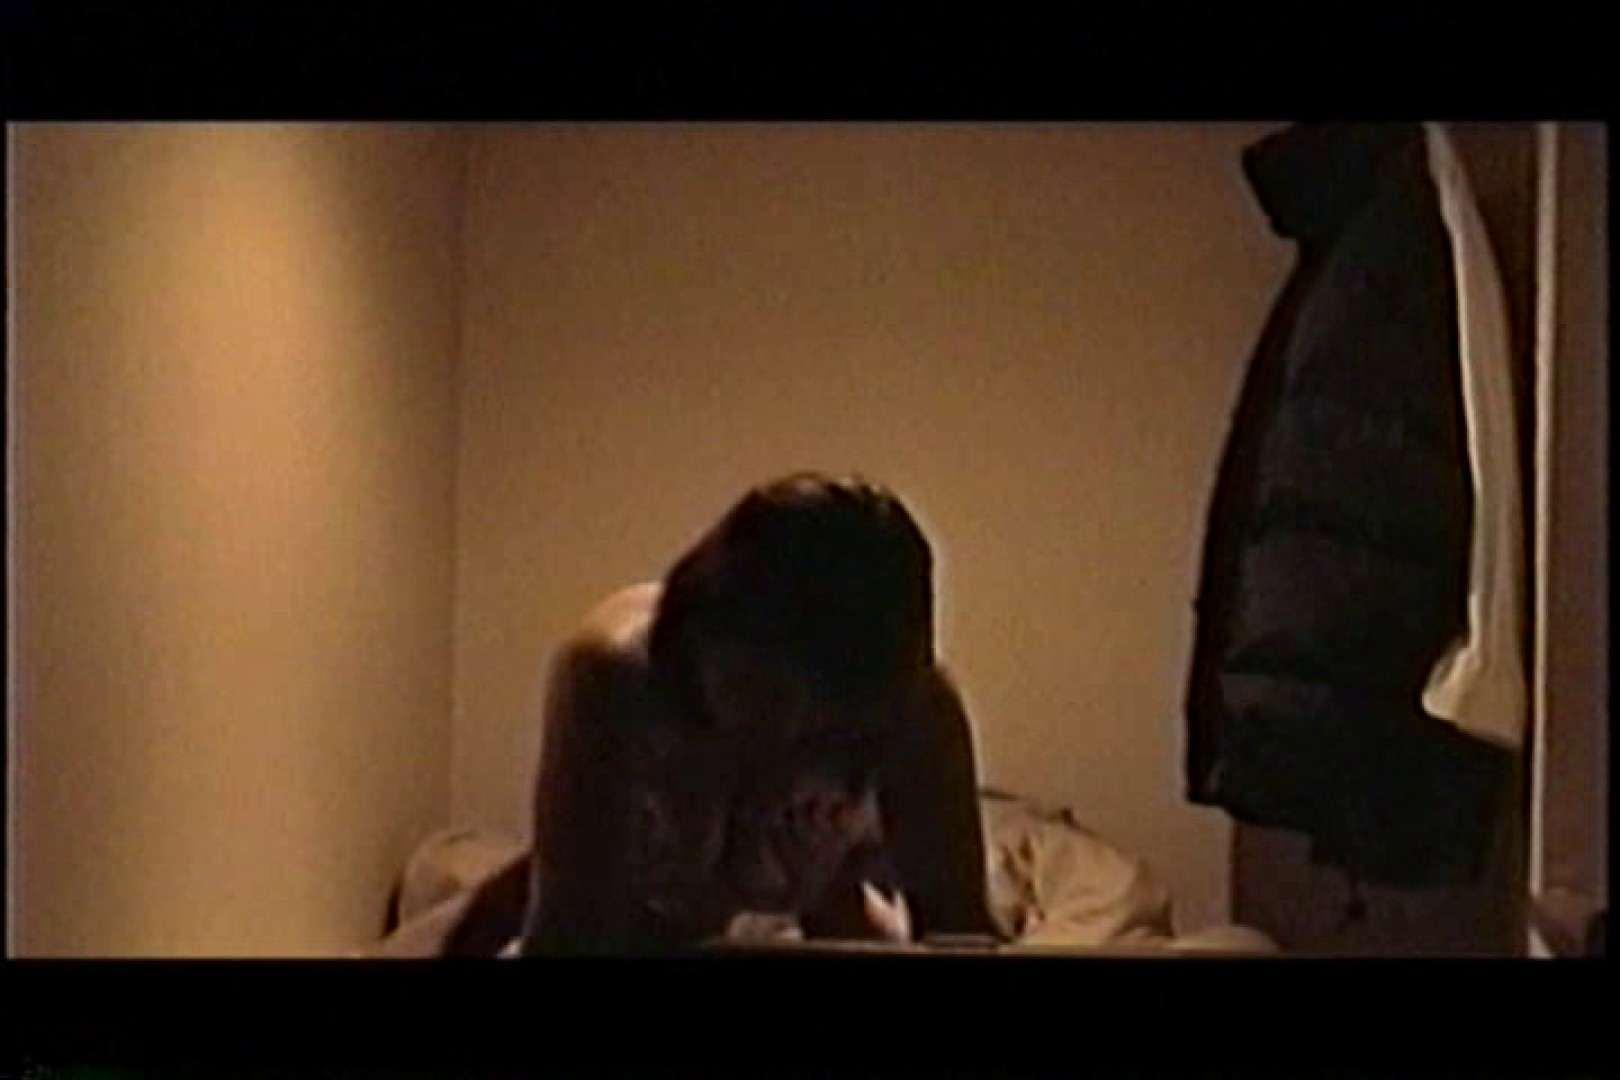 デリ嬢マル秘撮り本物投稿版② ギャル達のオマンコ | ギャルの乳首  55画像 12